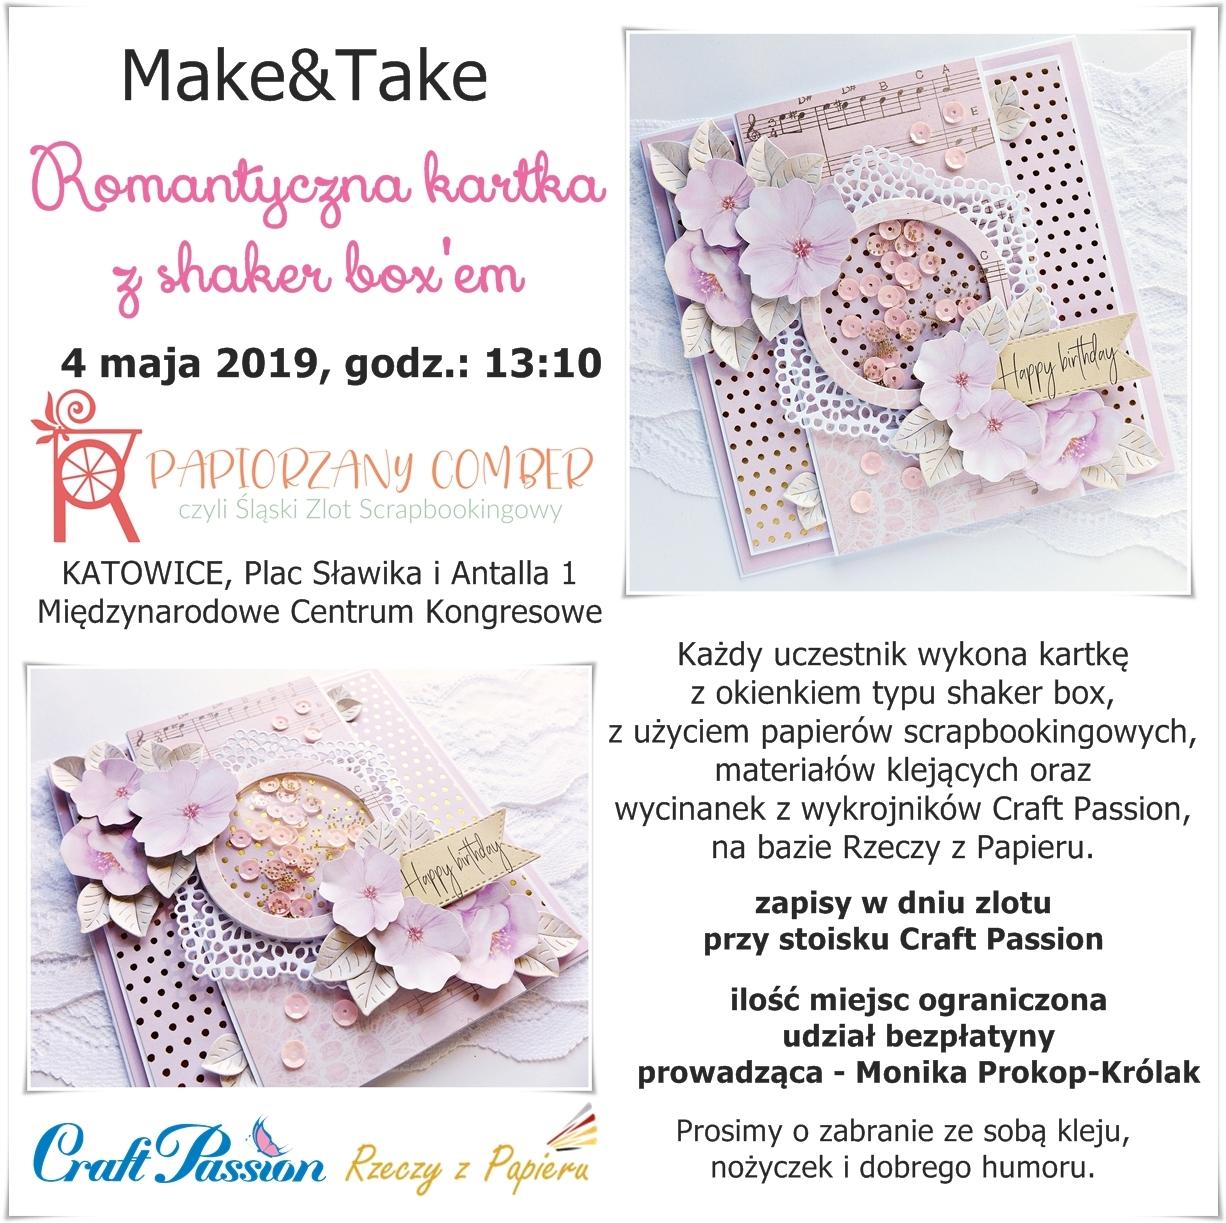 Make&Take w Katowicach 4.05.2019